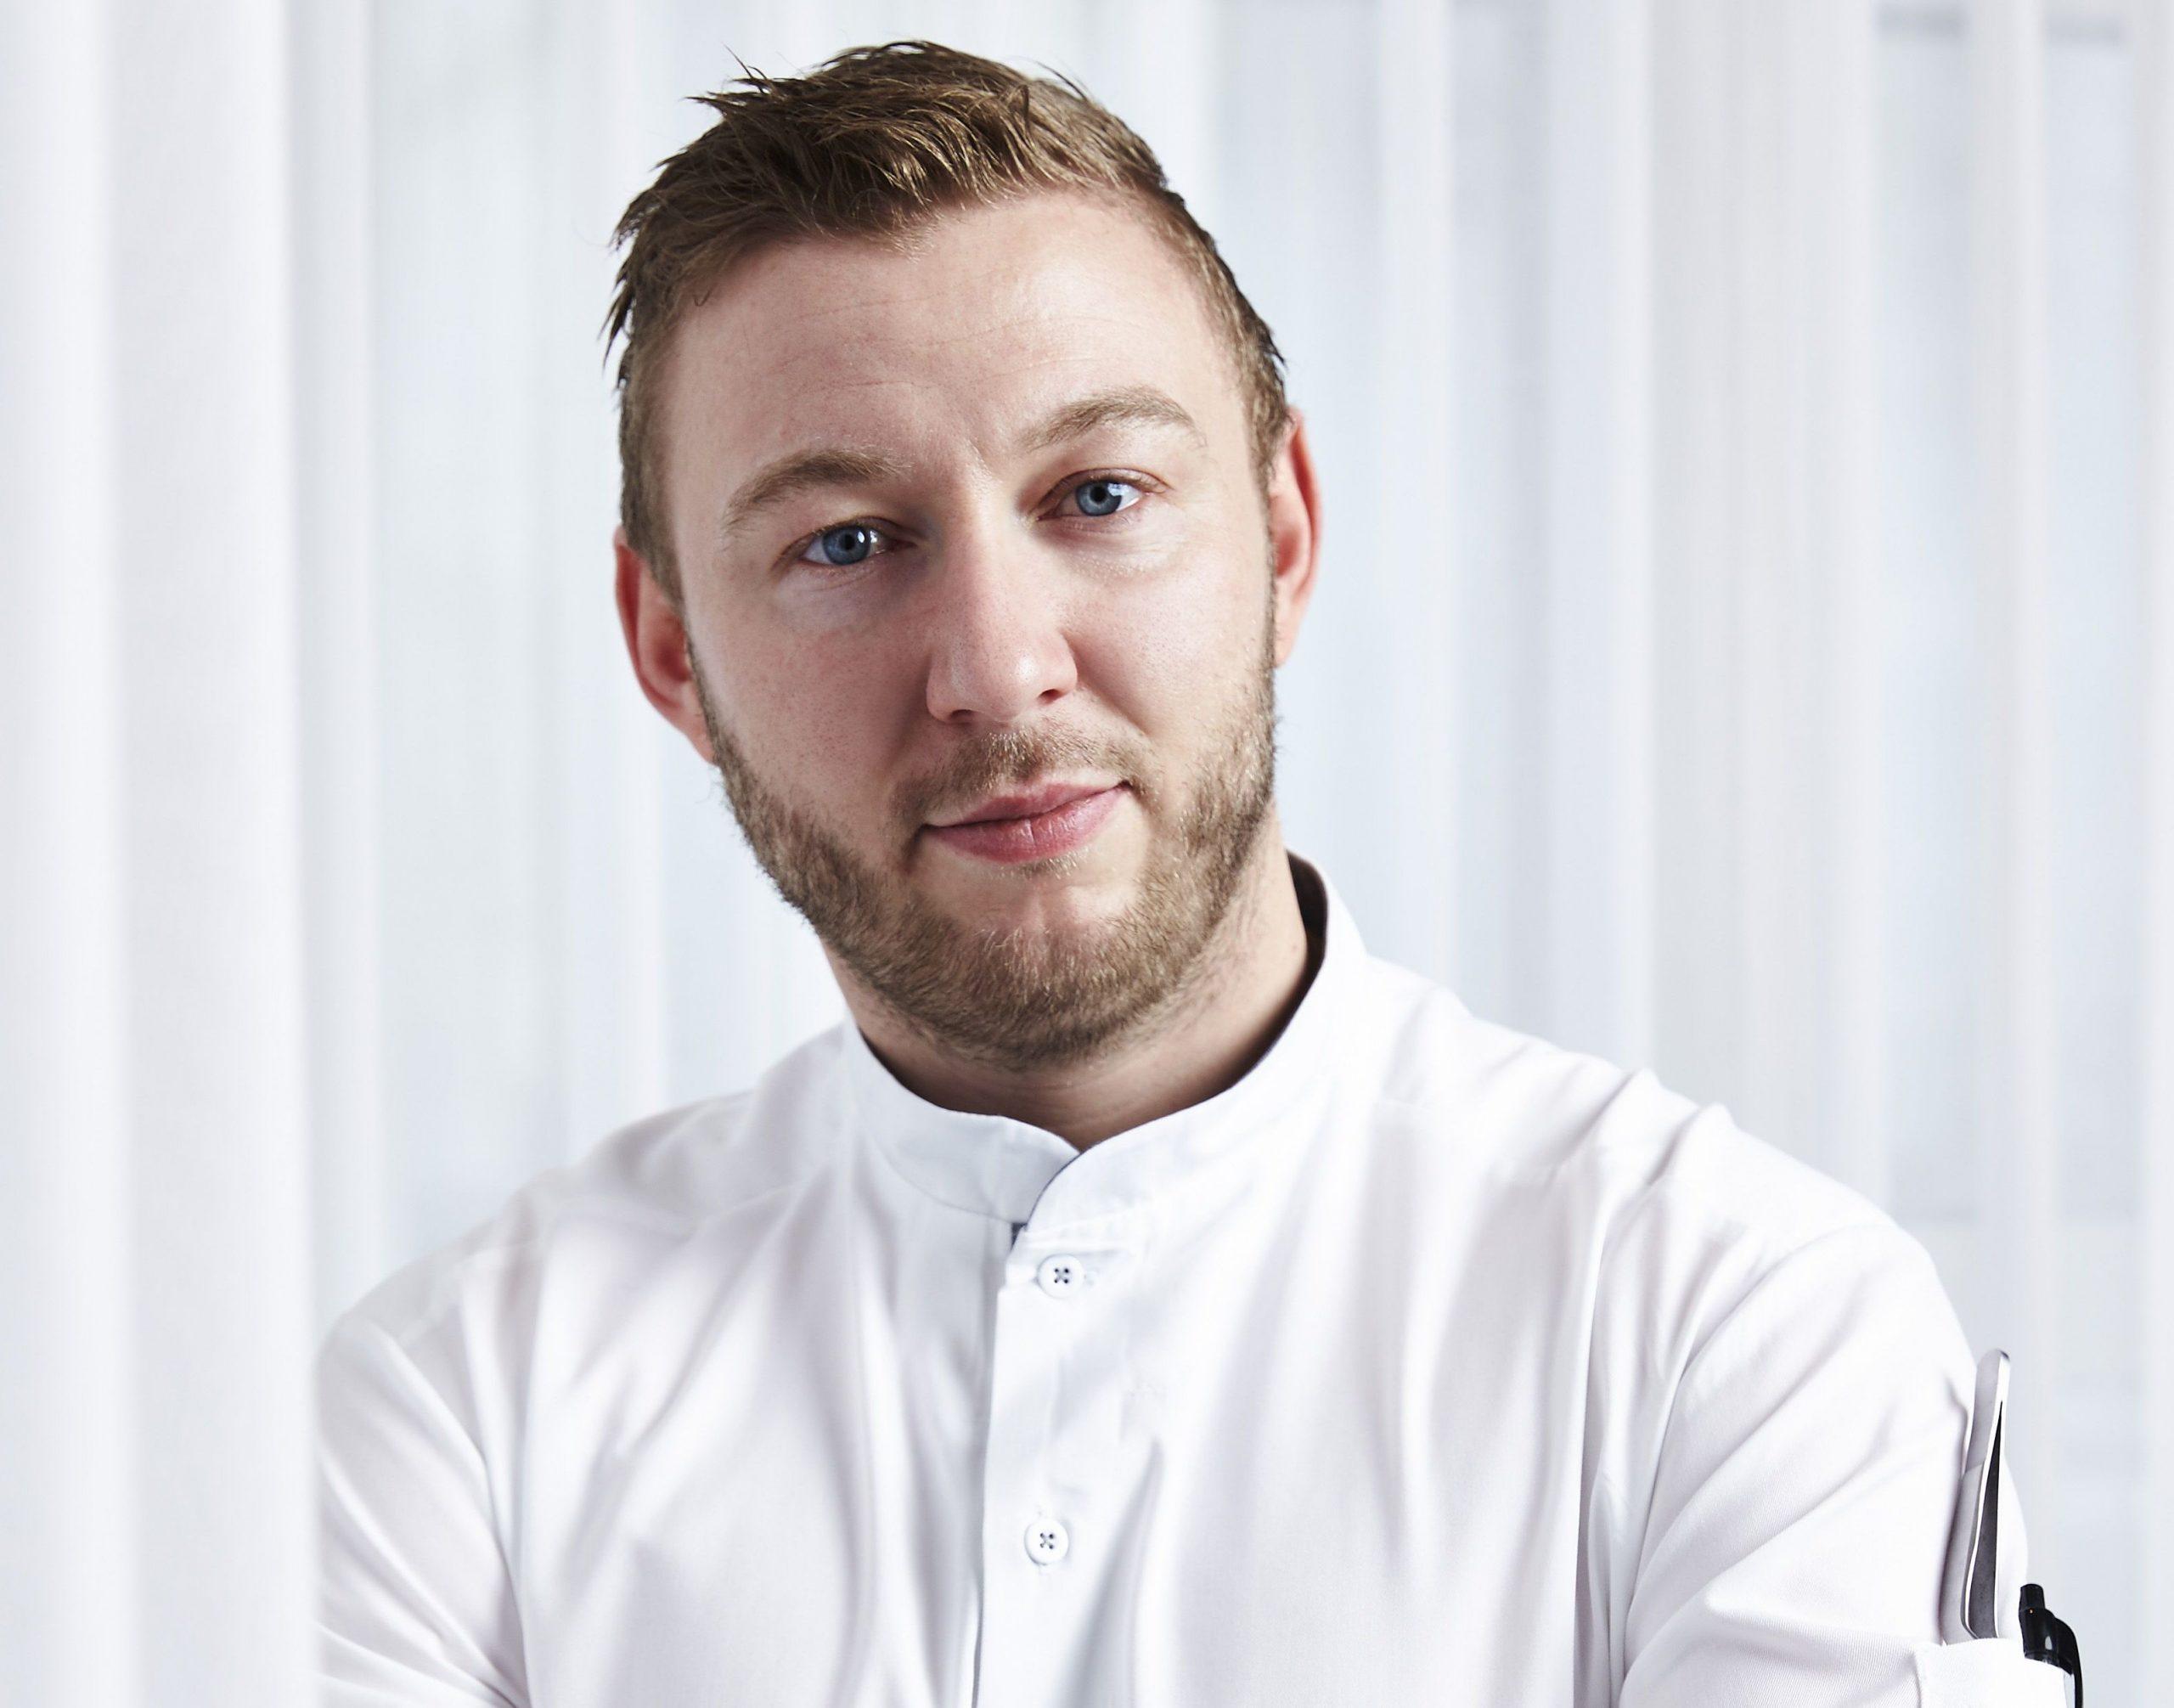 Køkkenchef Erik Kroun står i spidsen for The Restaurant by Kroun på Kurhotel Skodsborg. Her anbefaler han tre af de mest spændende restauranter netop nu. (Foto: Kurhotel Skodsborg/Claes Bech-Poulsen)